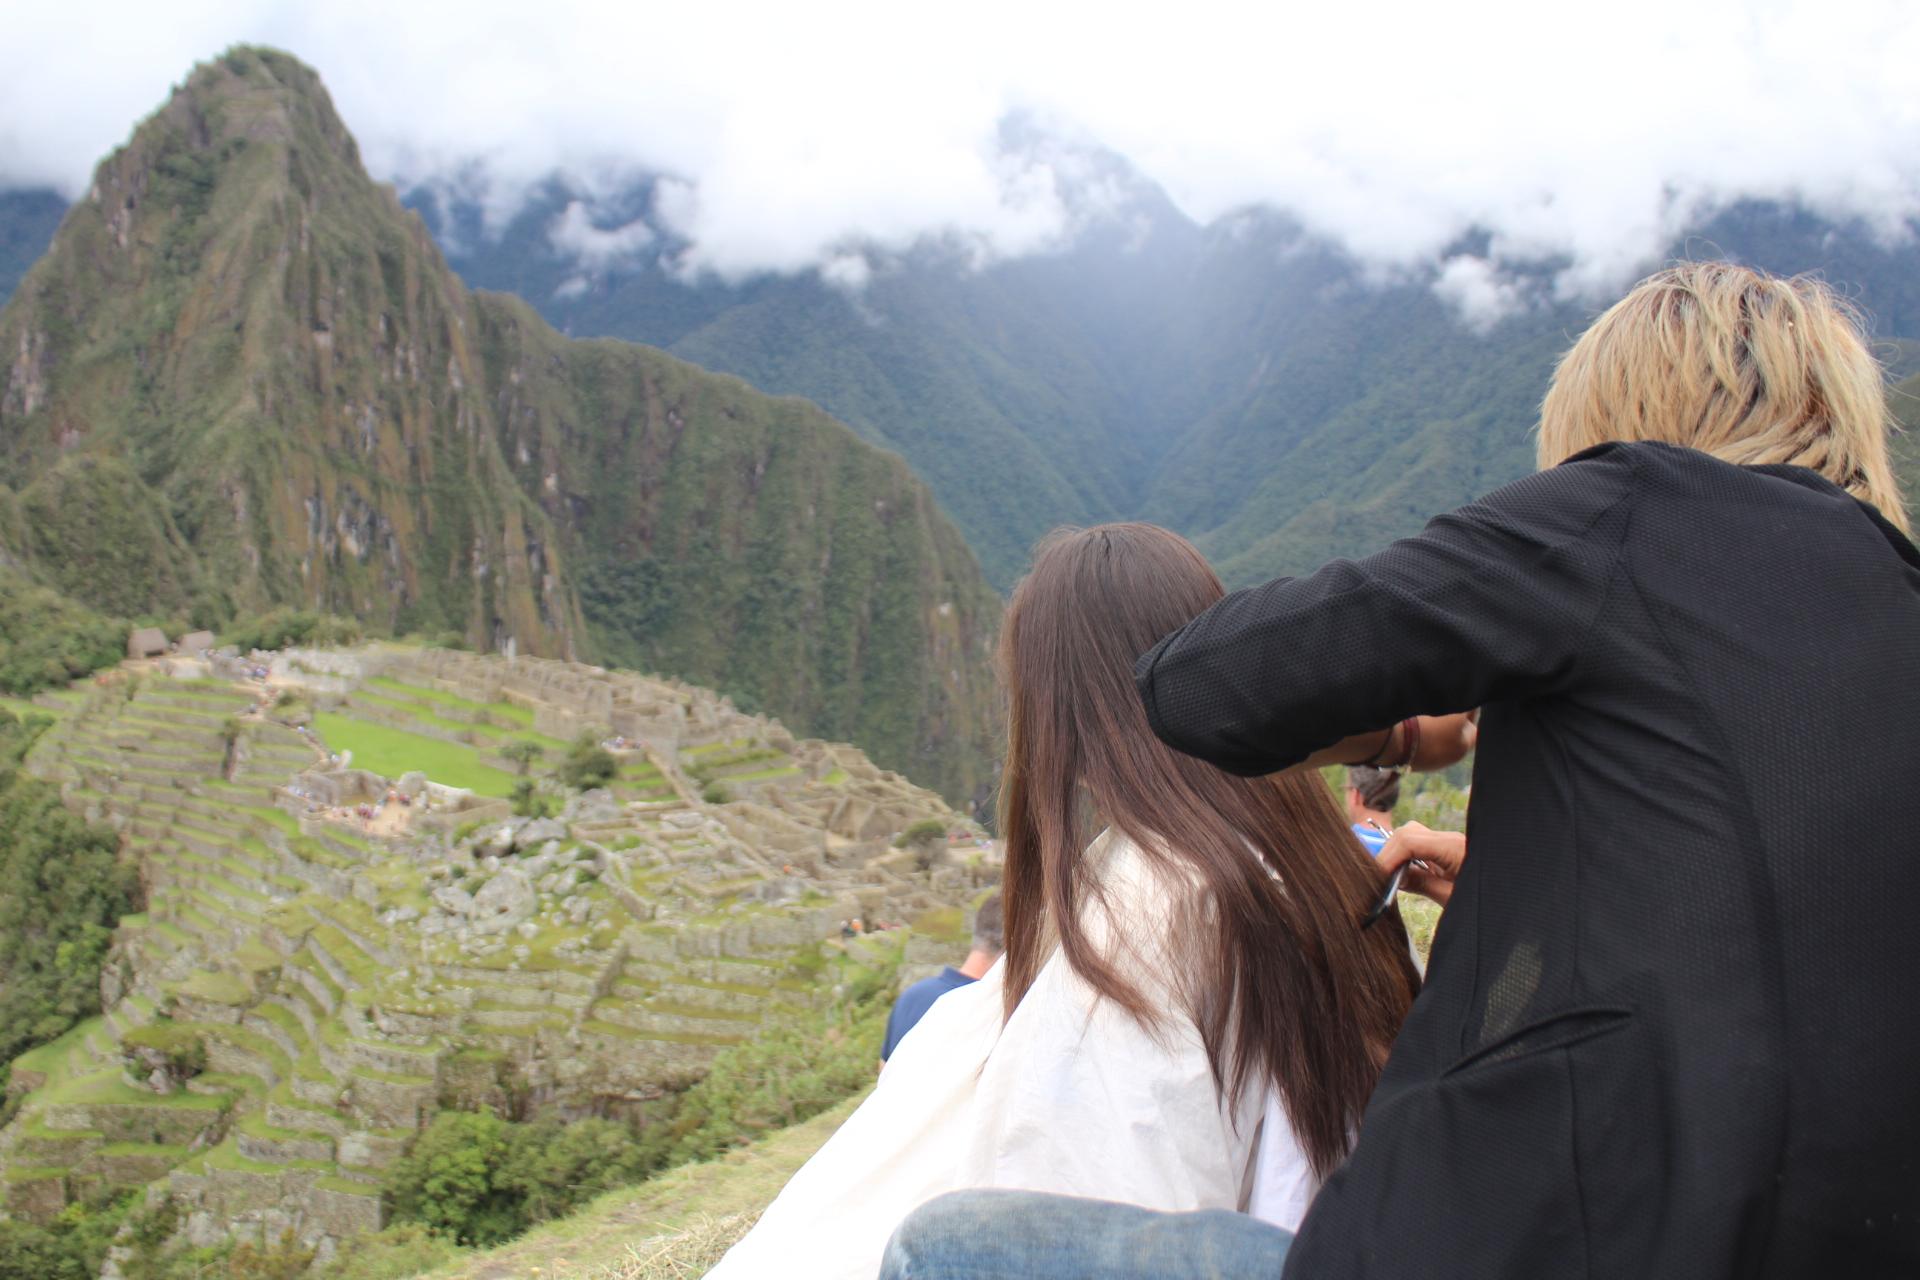 老いた峰、マチュピチュでヘアカットを。